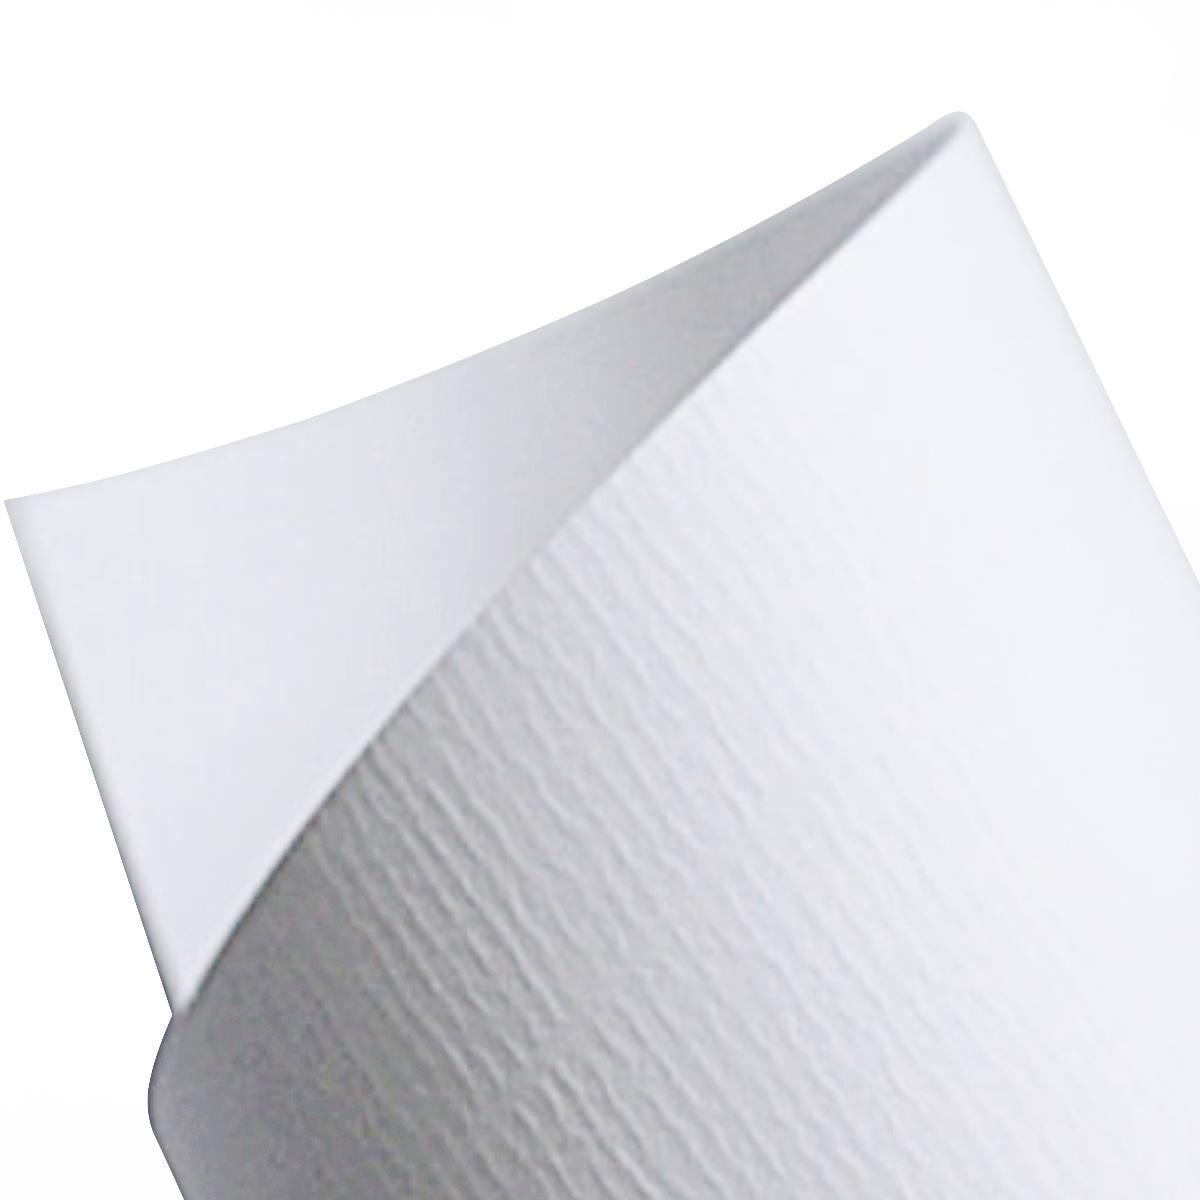 Papel Vergê Texturizado 180g A4 Branco Premium com 50 Folhas